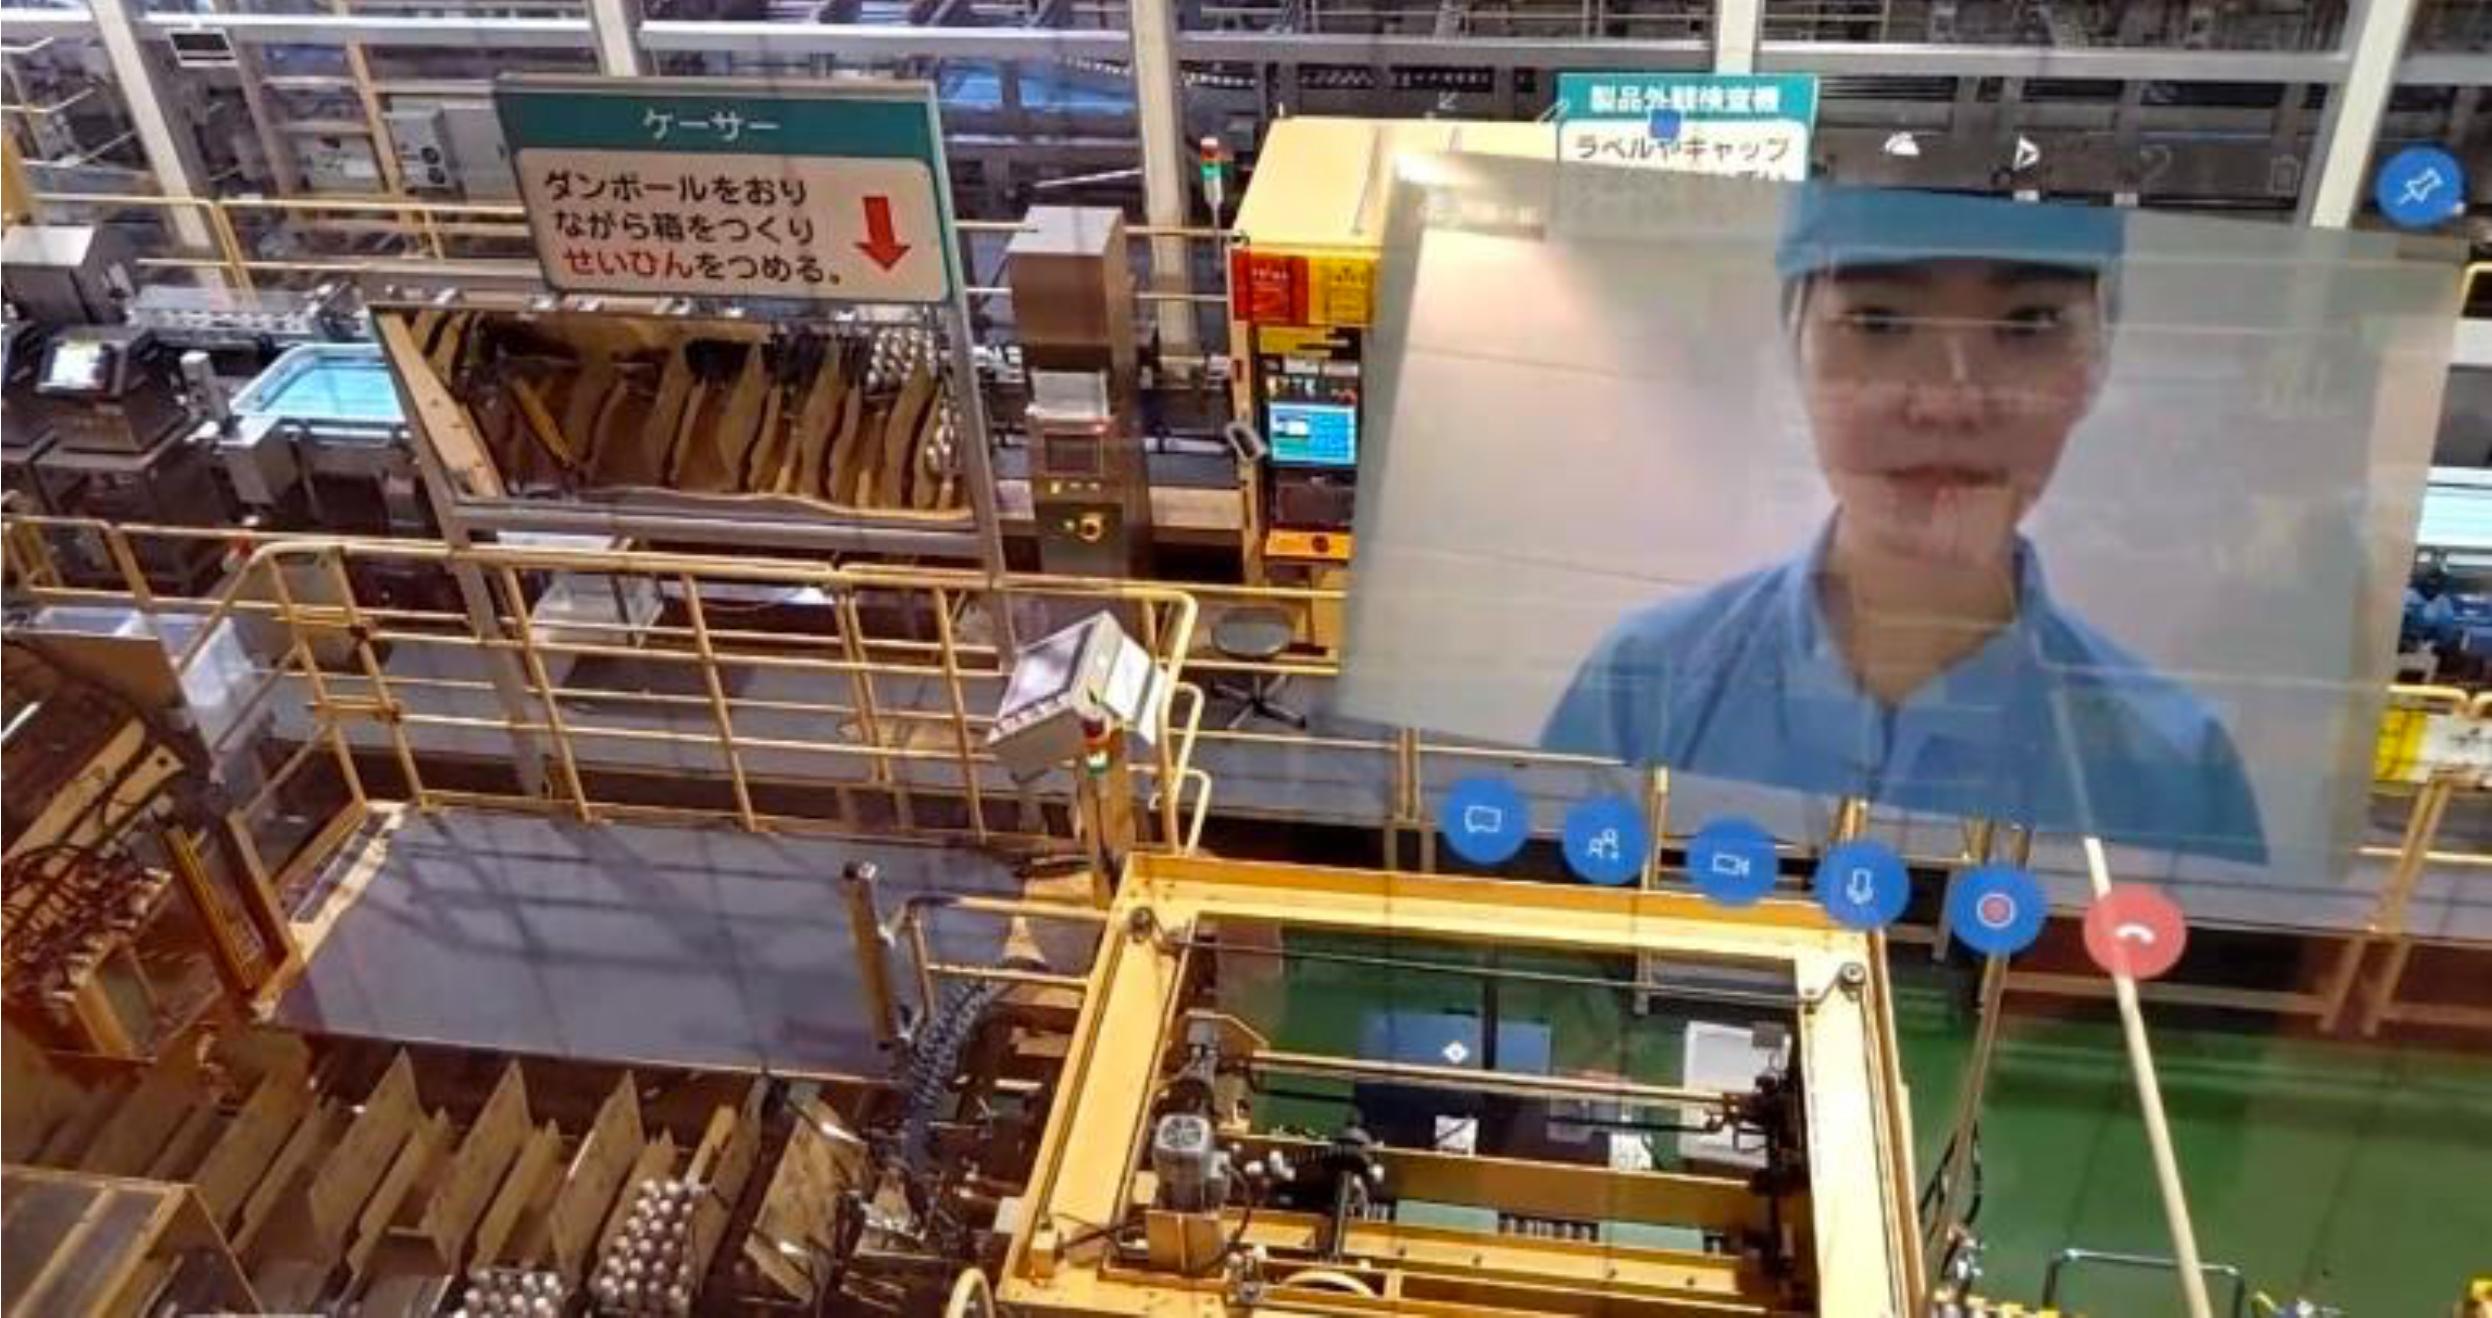 「午後の紅茶」製造や航空機整備をライブ配信 リモート工場見学コラボ企画